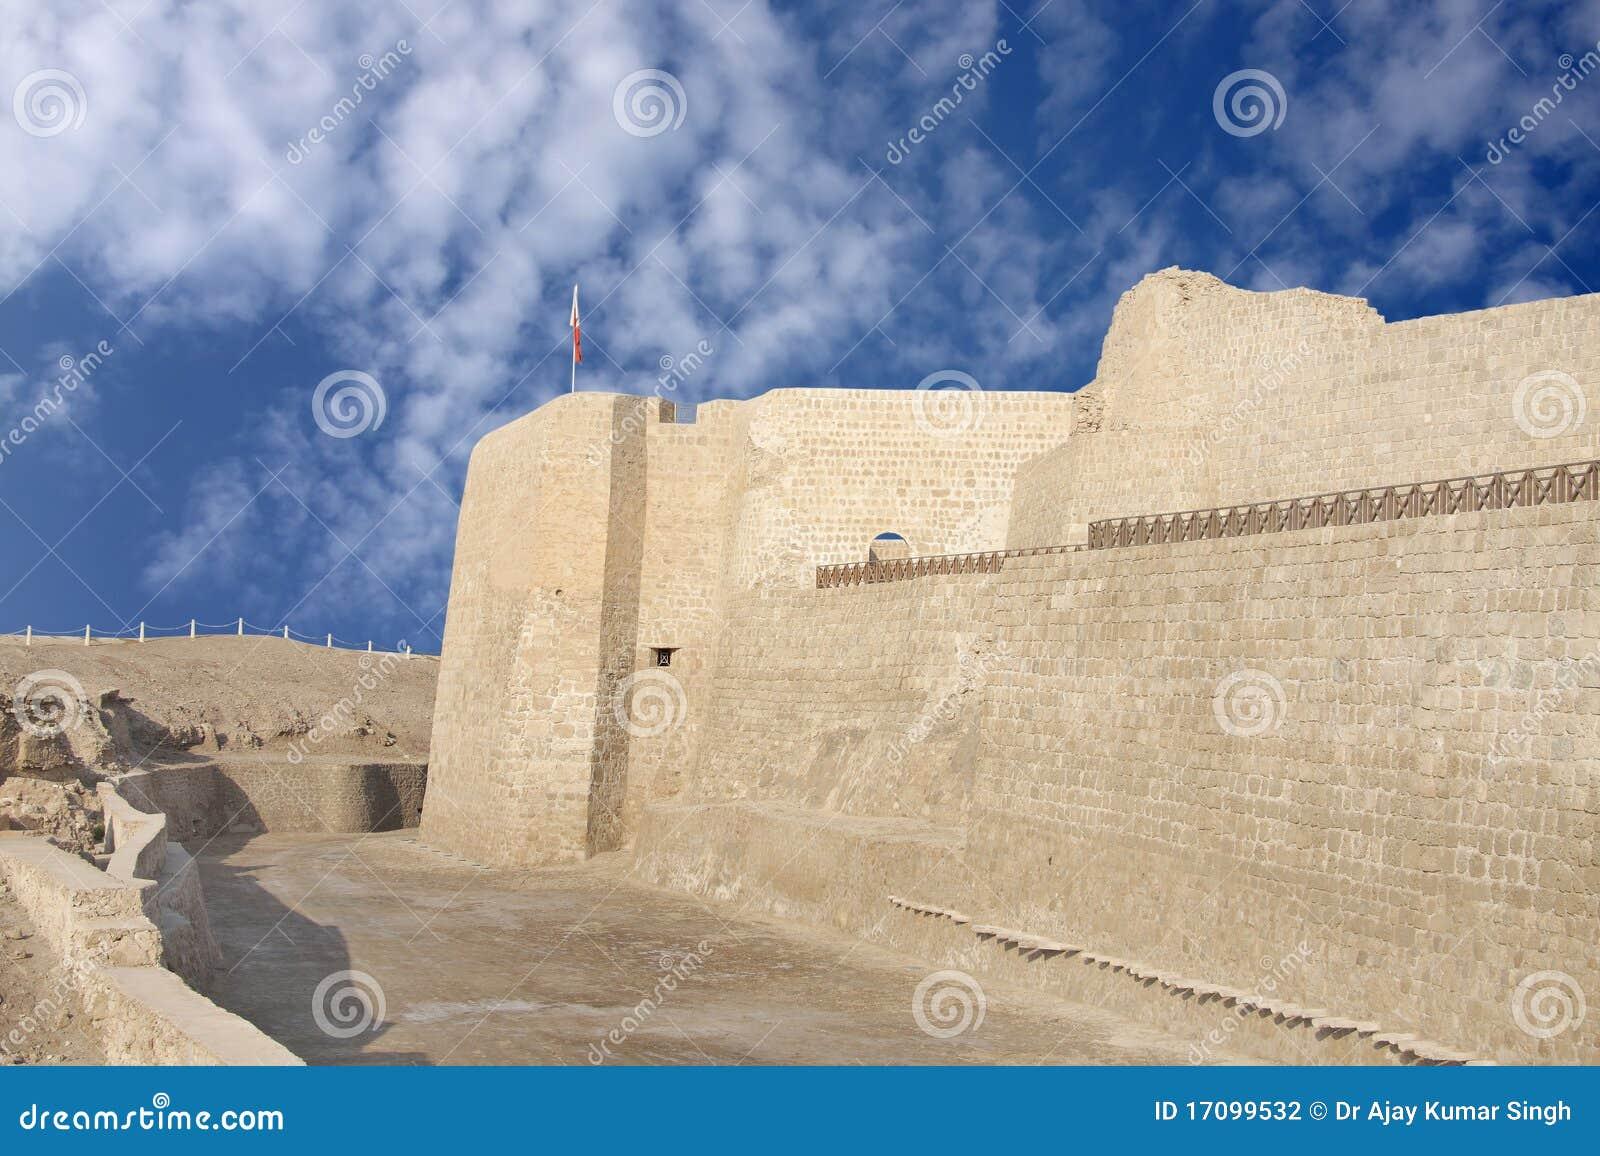 Südliche Wand des Bahrain-Forts blickend in Richtung des Westens